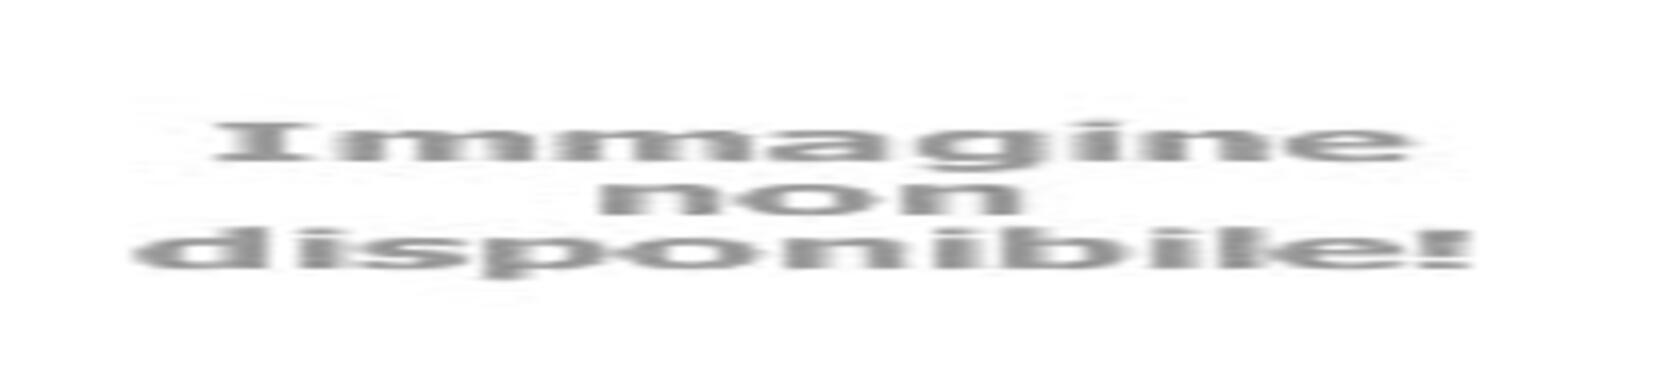 basketriminicrabs it 2-2841-settore-giovanile-eybl-u16-a-di-ritorno-con-la-qualificazione-ai-playoff 003